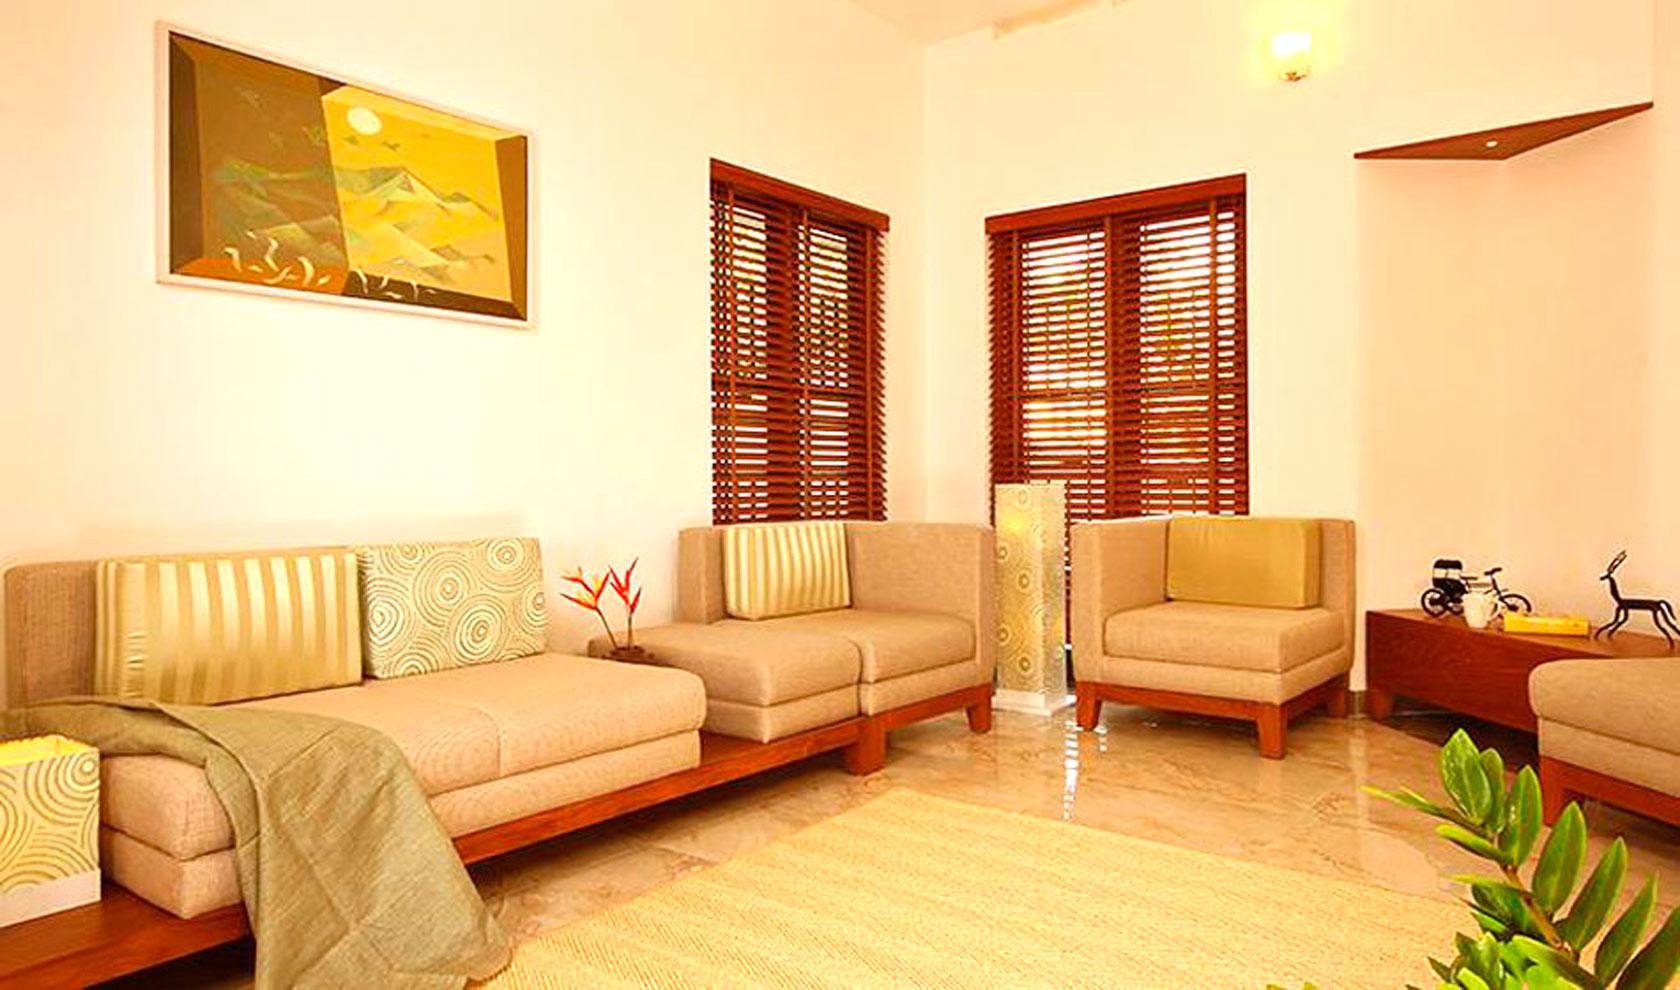 Living room decorator kolkata best interior decorators for Simple living room designs in kerala